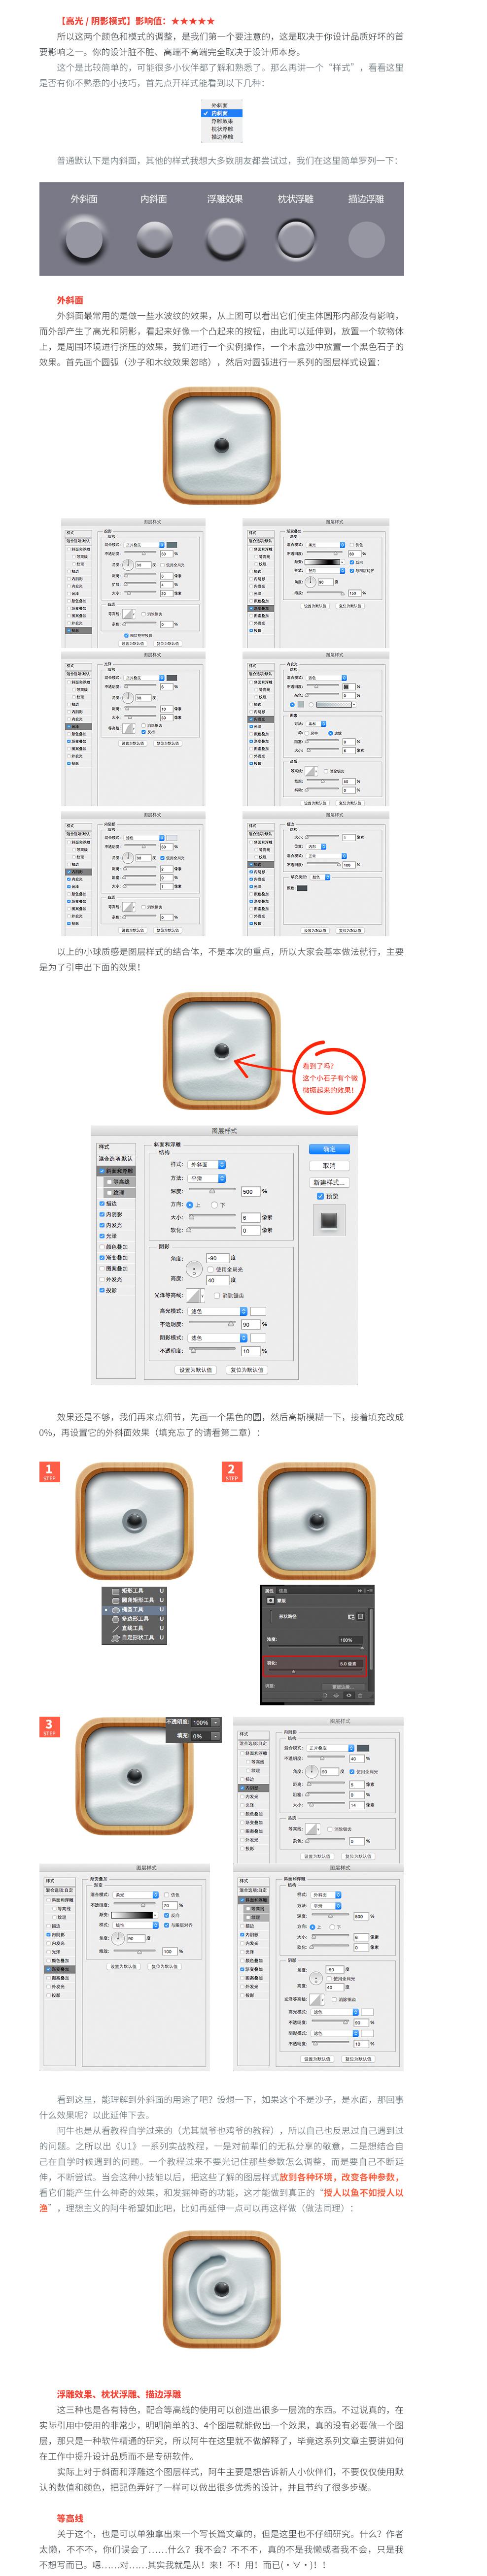 新手进阶宝典!UI实战指南之可偷懒的图层样式(二)